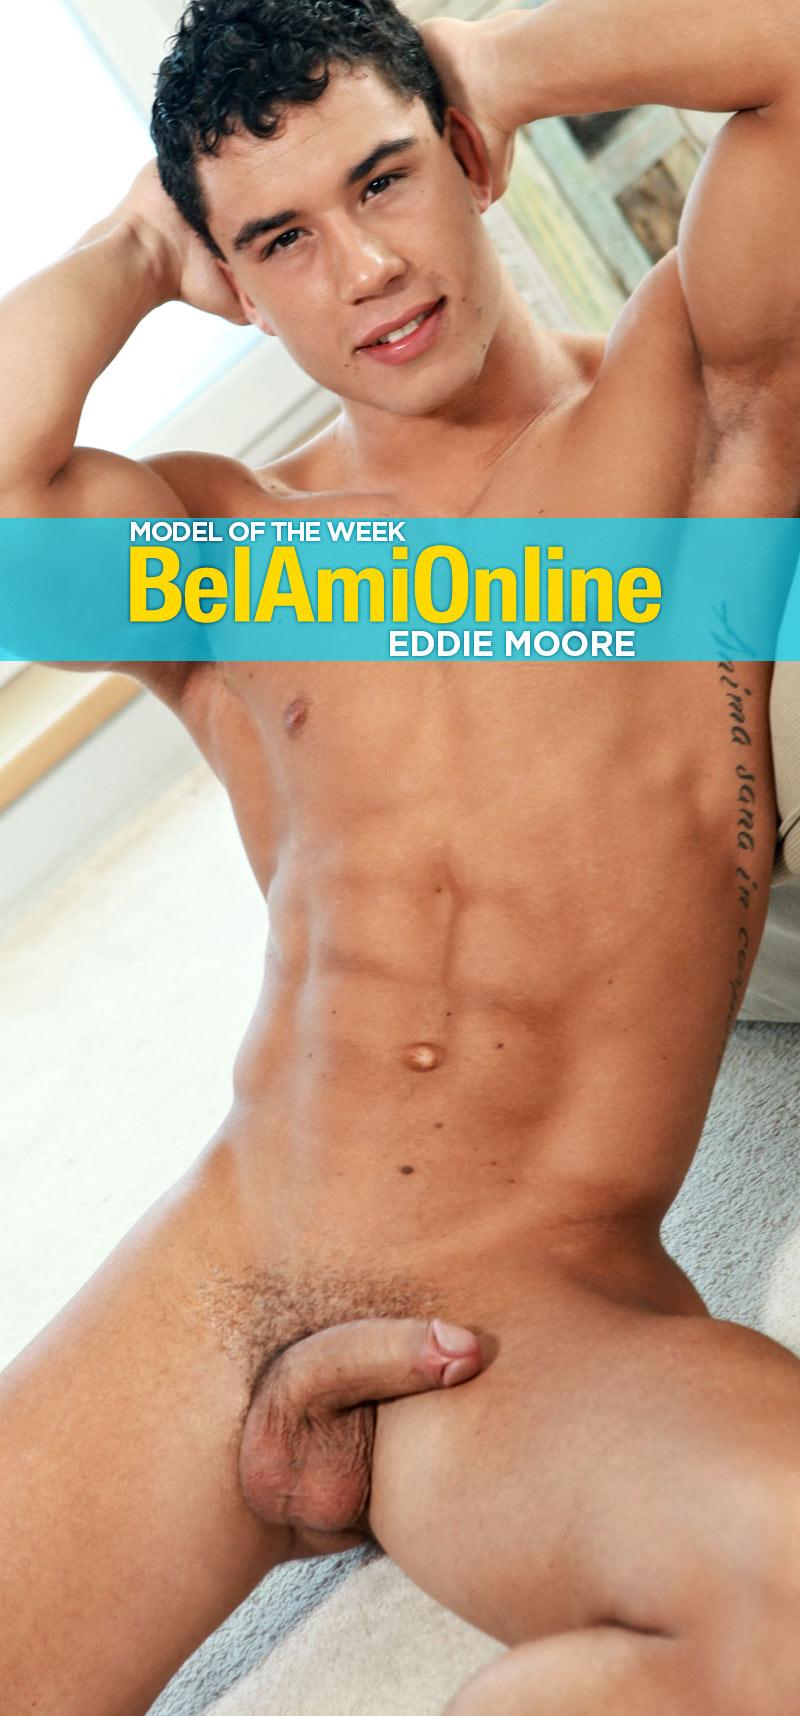 Eddie Moore [Model of the Week] at BelAmiOnline.com